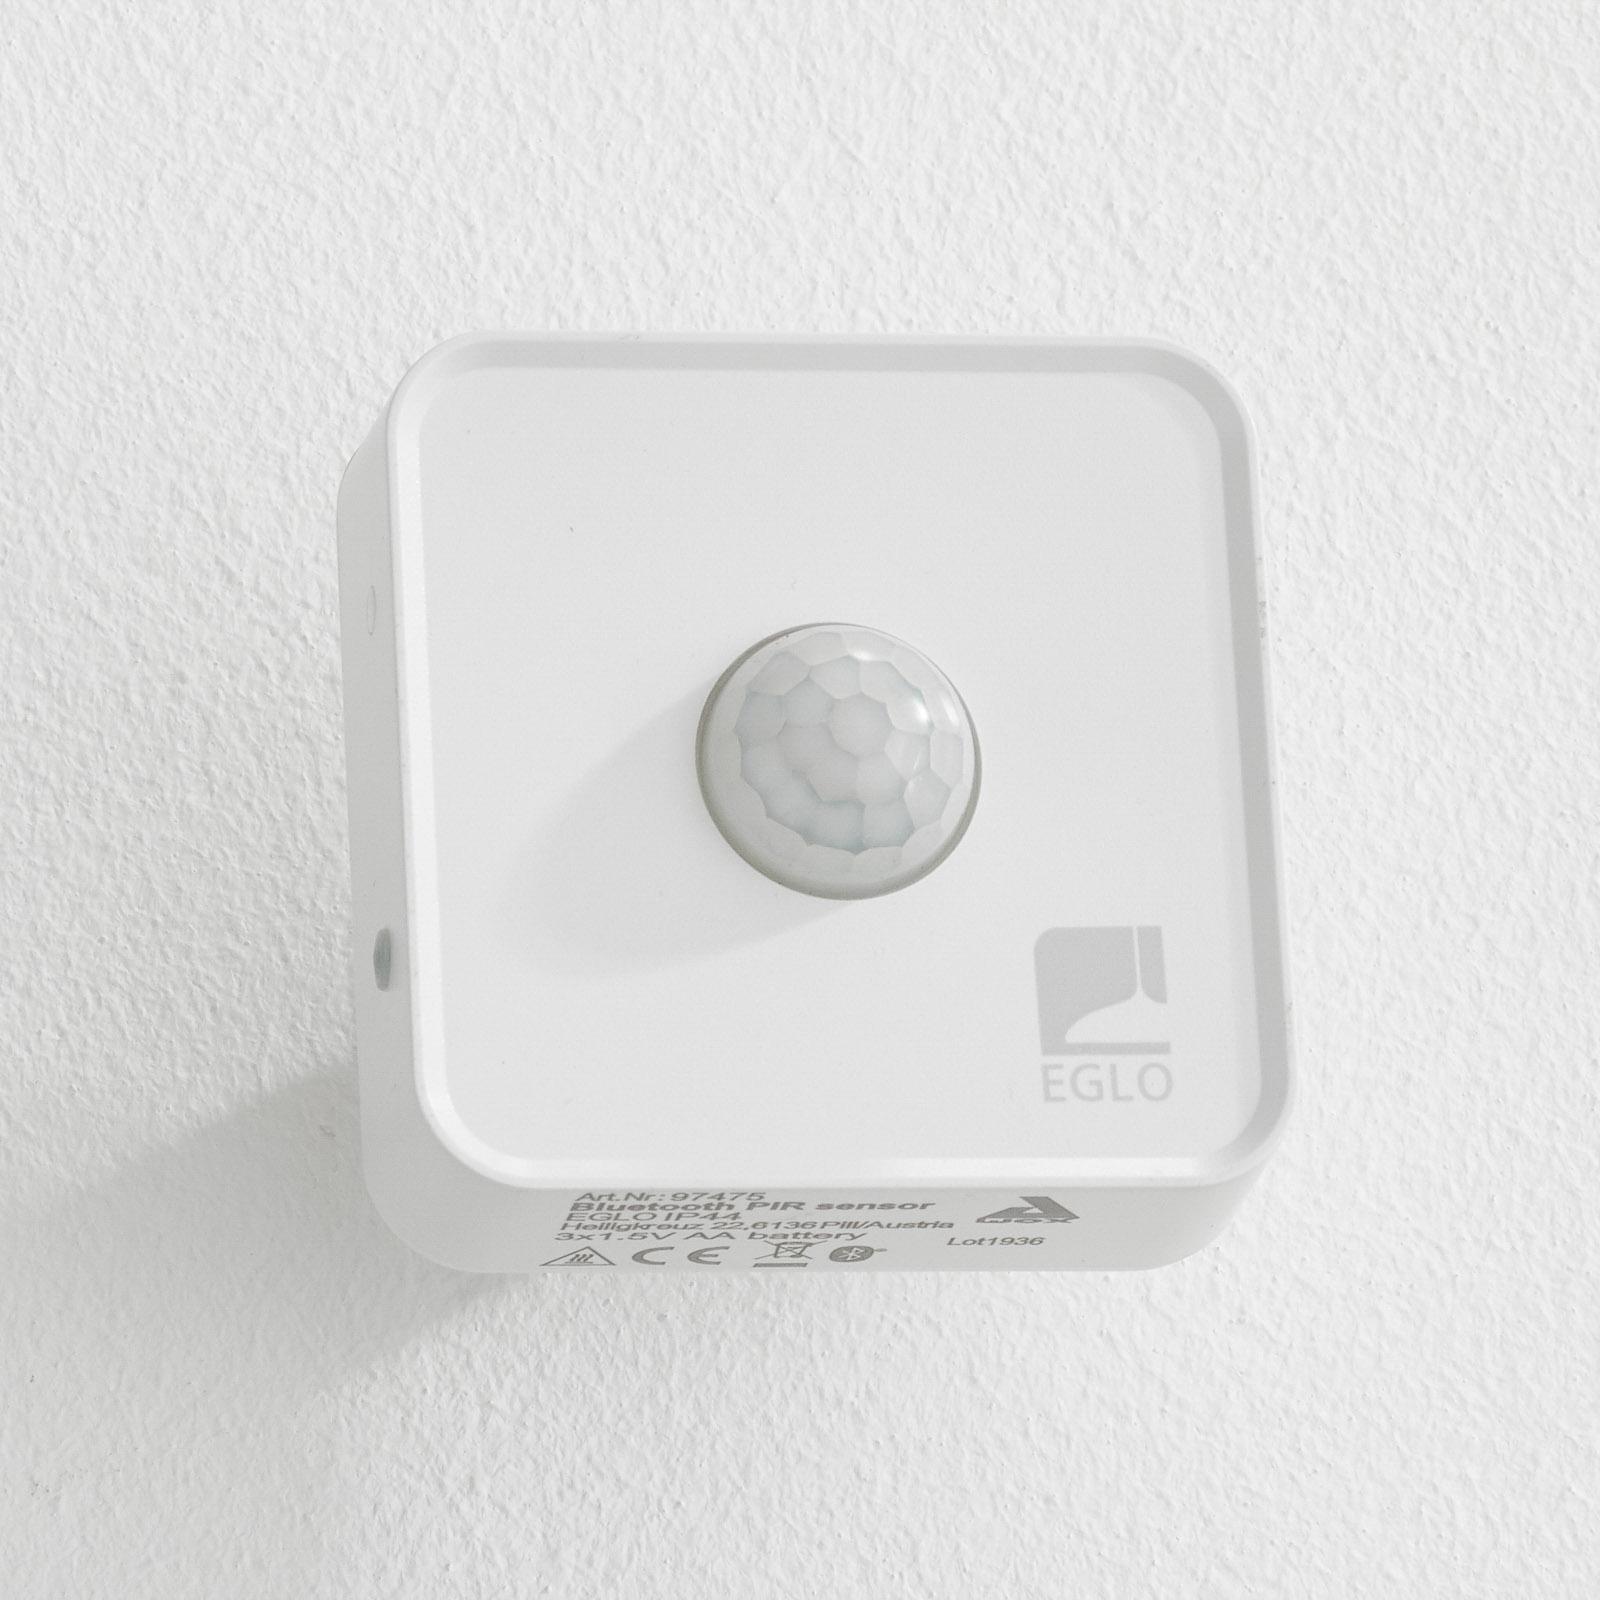 EGLO connect Sensor for utendørsareal IP44